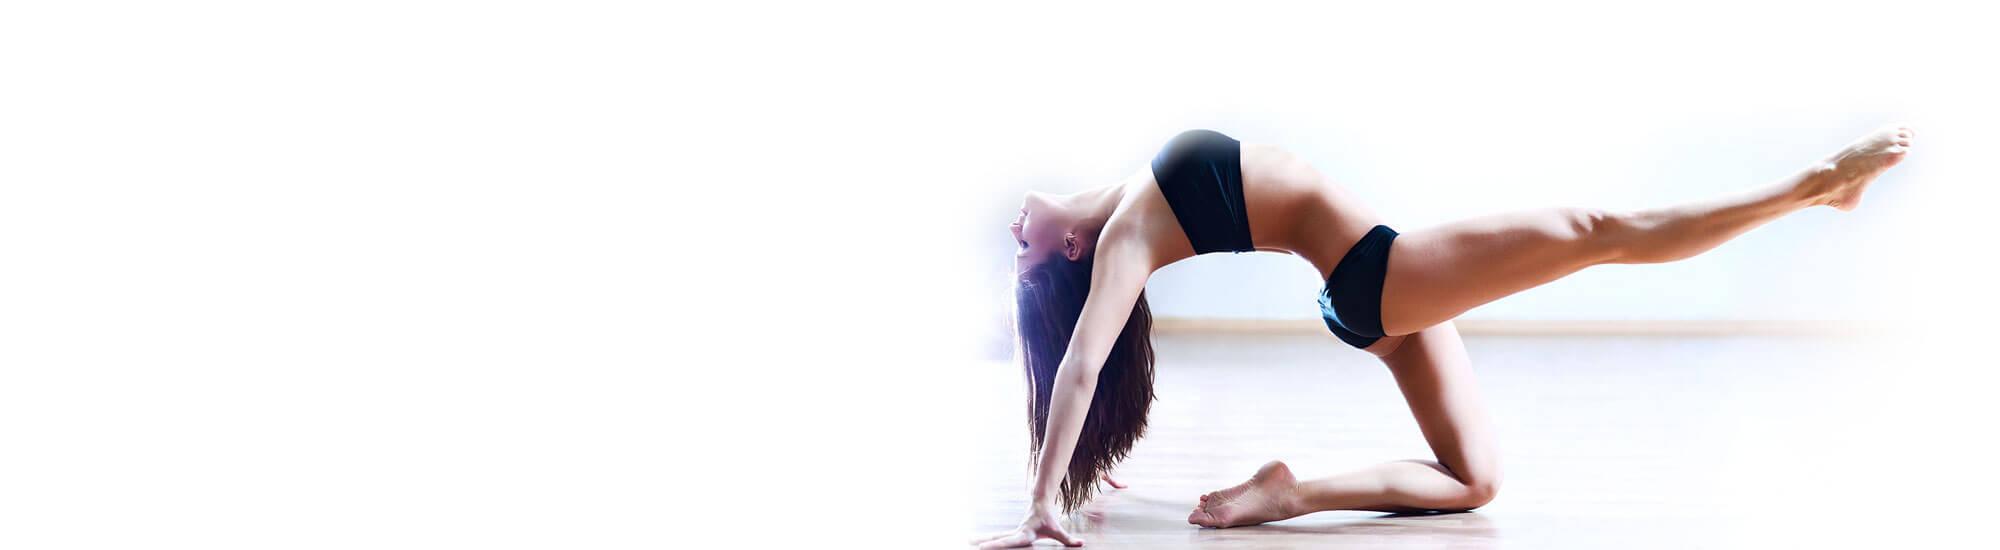 Zabiegi na ciało pozwalają wymodelować sylwetkę, zlikwidować depozyty tłuszczu w najtrudniejszych miejscach, którym nie pomogą żadne ćwiczenia - na brzuchu, na udach, na ramionach. Także ujędrnianie skóry jest niezbędne, kiedy wraz z wiekiem traci ona elastyczność i zwartość.